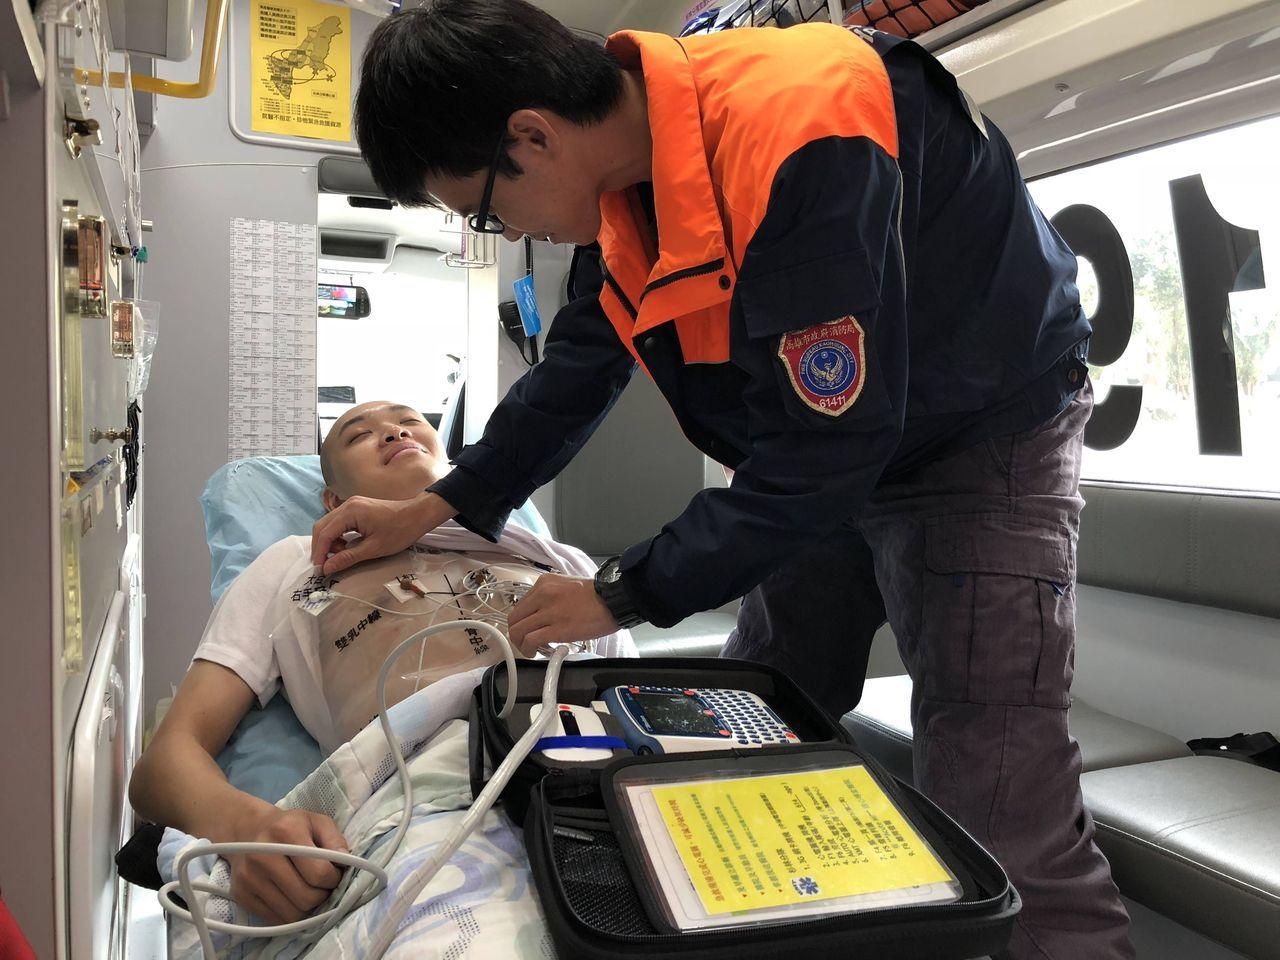 模擬示意圖,消防員為胸痛患者進行心電圖檢查。 圖/徐白櫻 翻攝